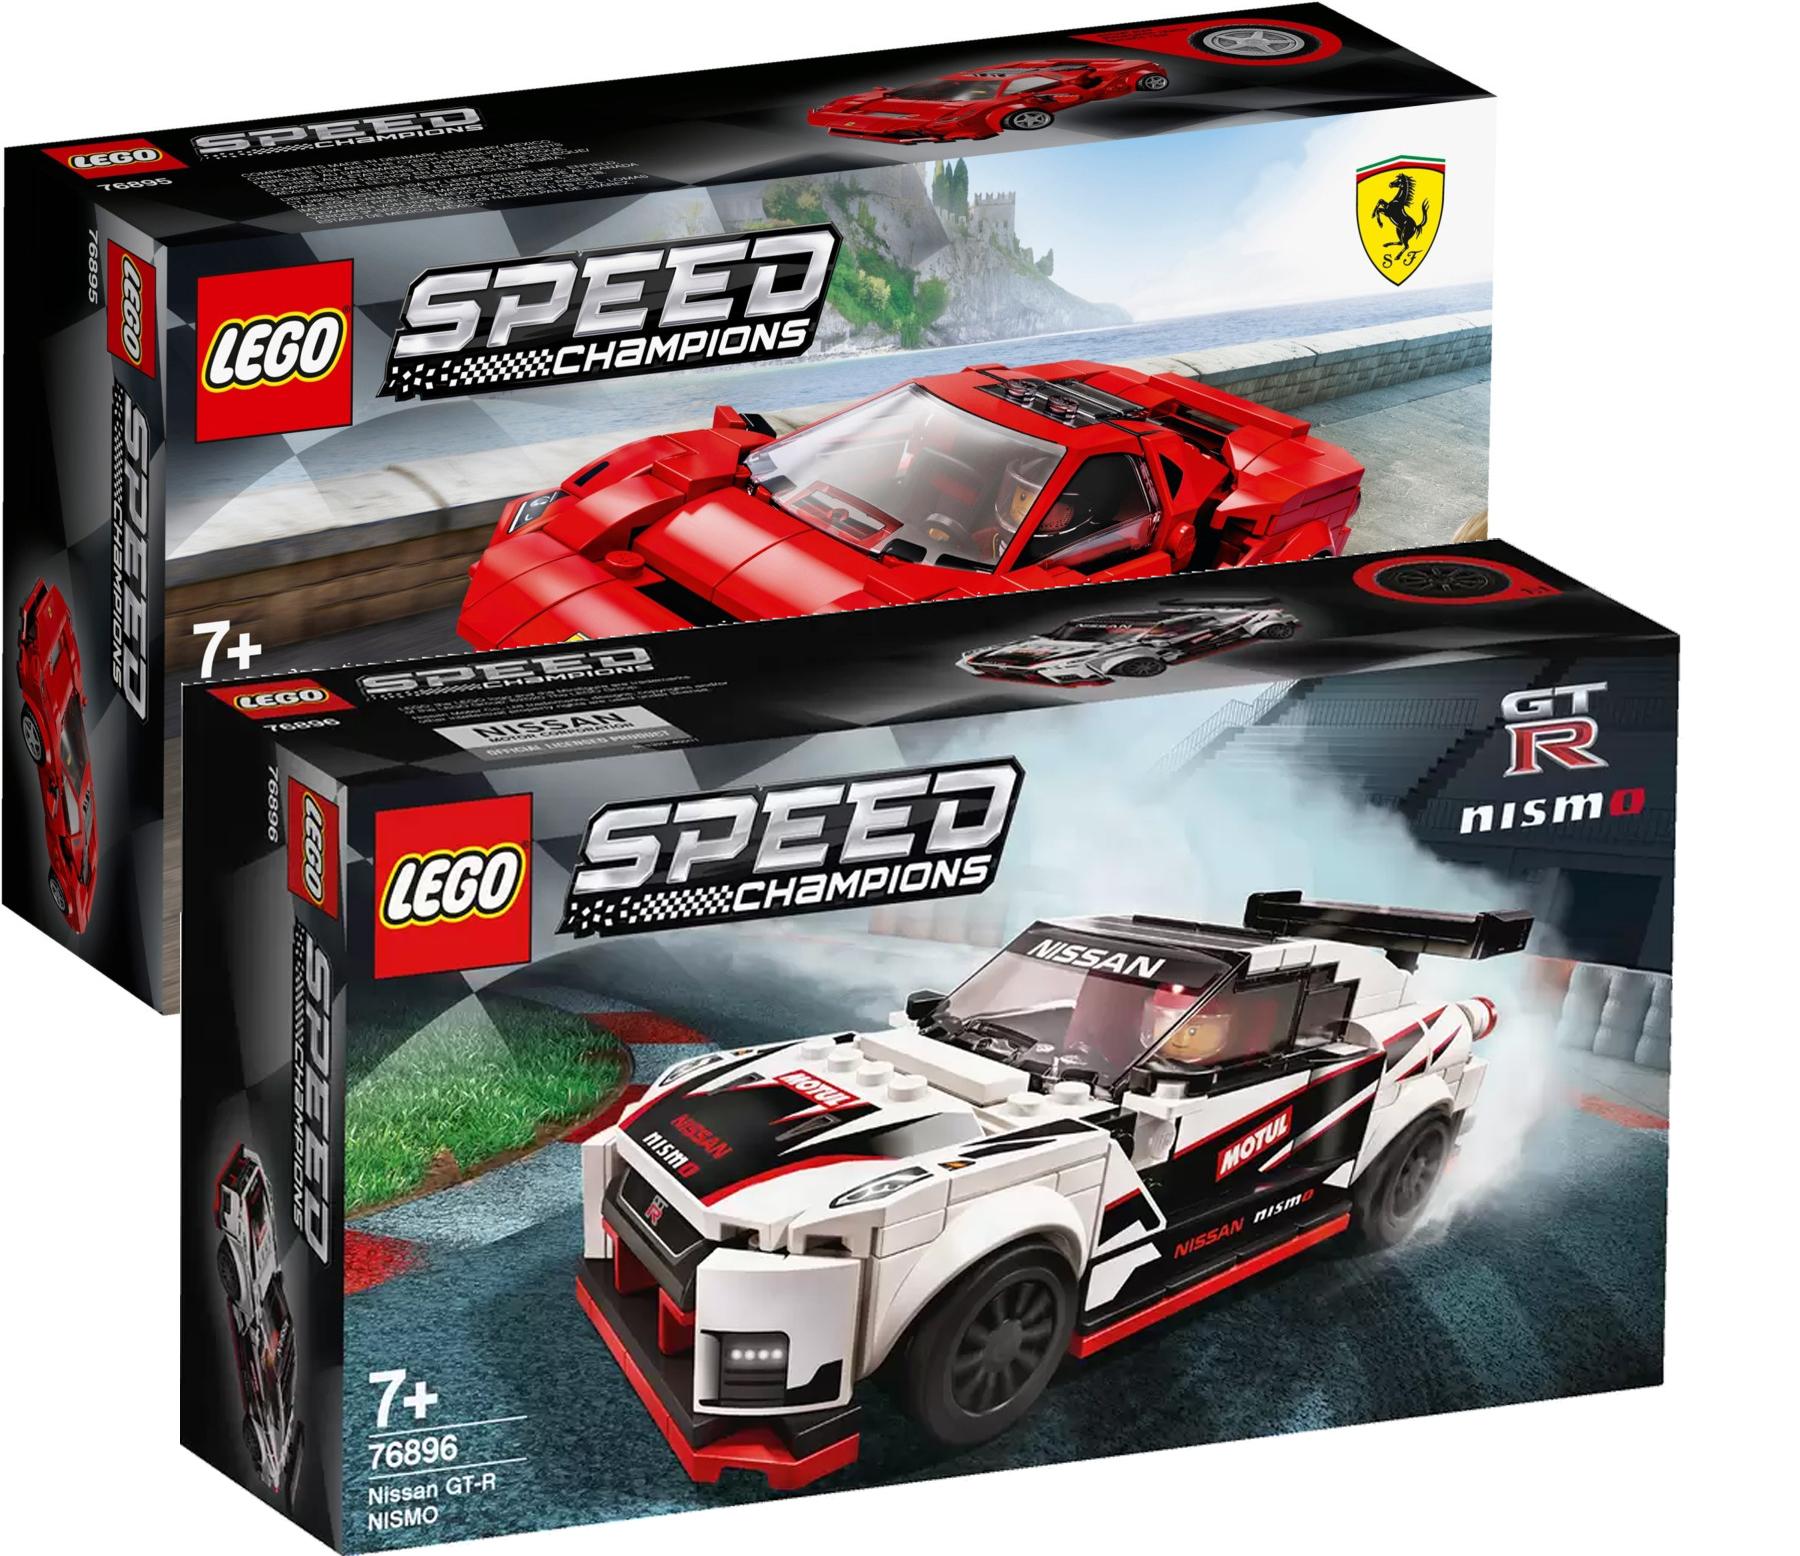 Lego Speed Champions 76895 und 76896 für zusammen 20,82€